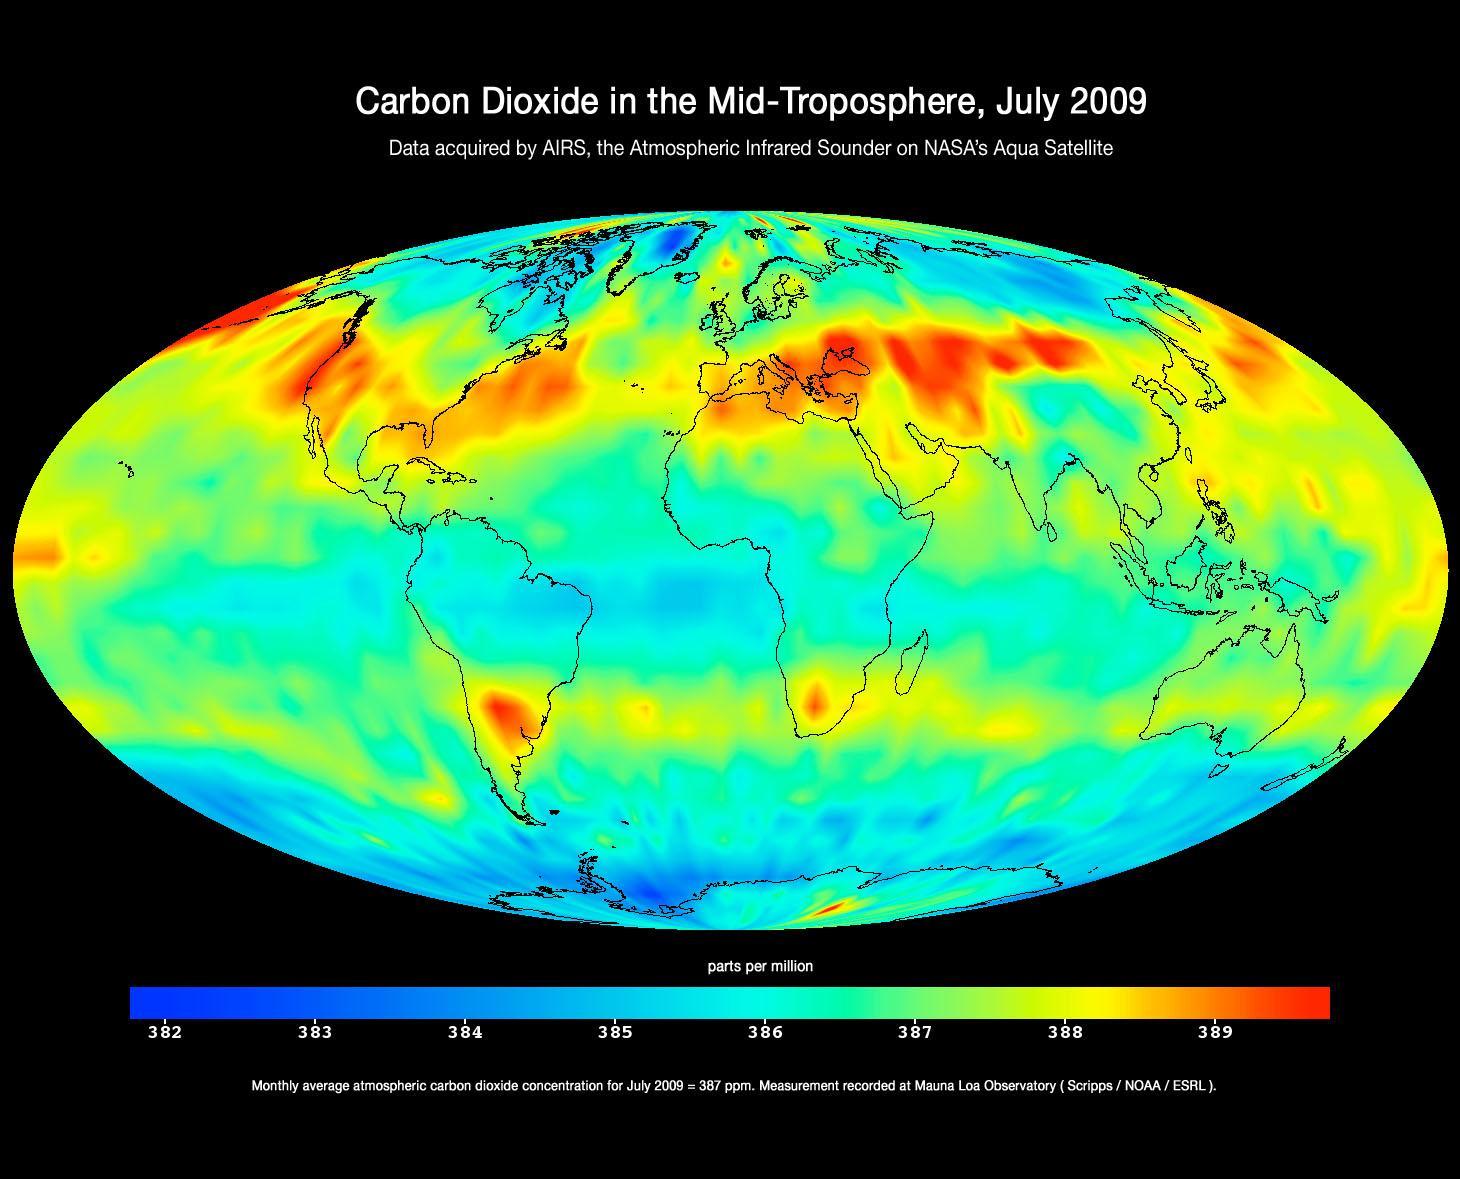 July 2009 CO₂